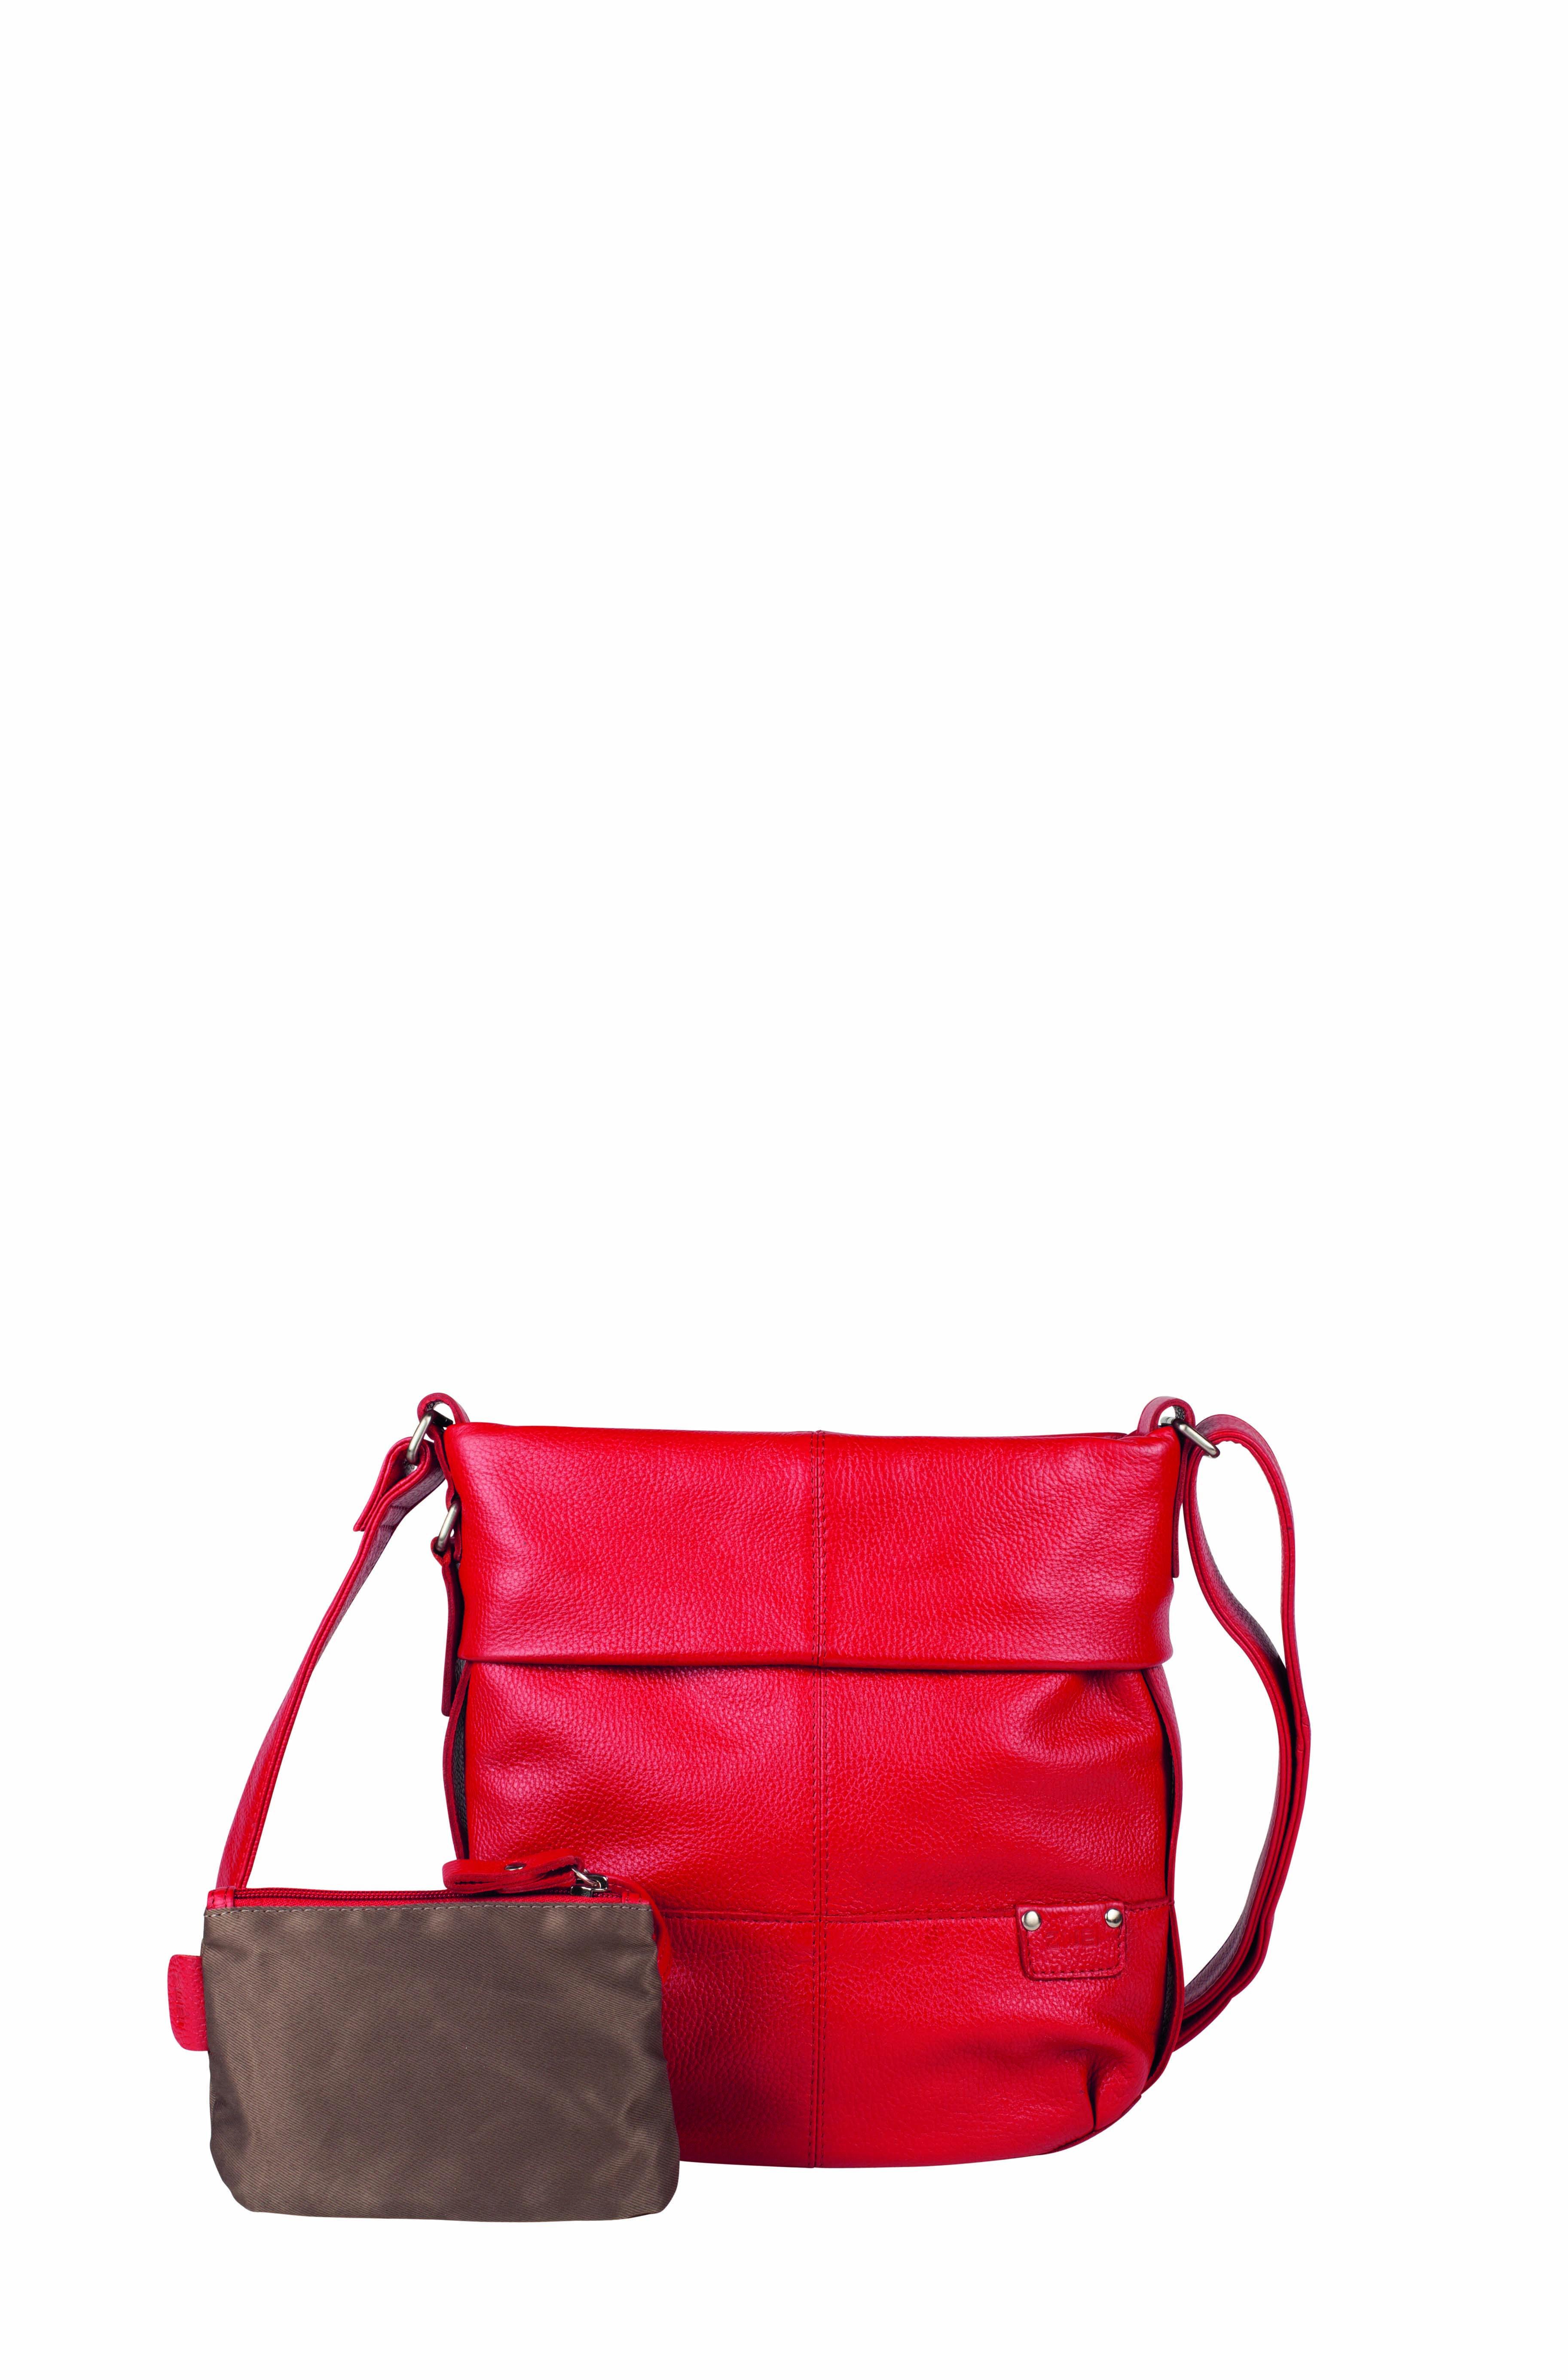 Frauentaschen :: UNICORN :: U10 | ZWEI Taschen Handtasche :: Leder :: rot :: crossbody